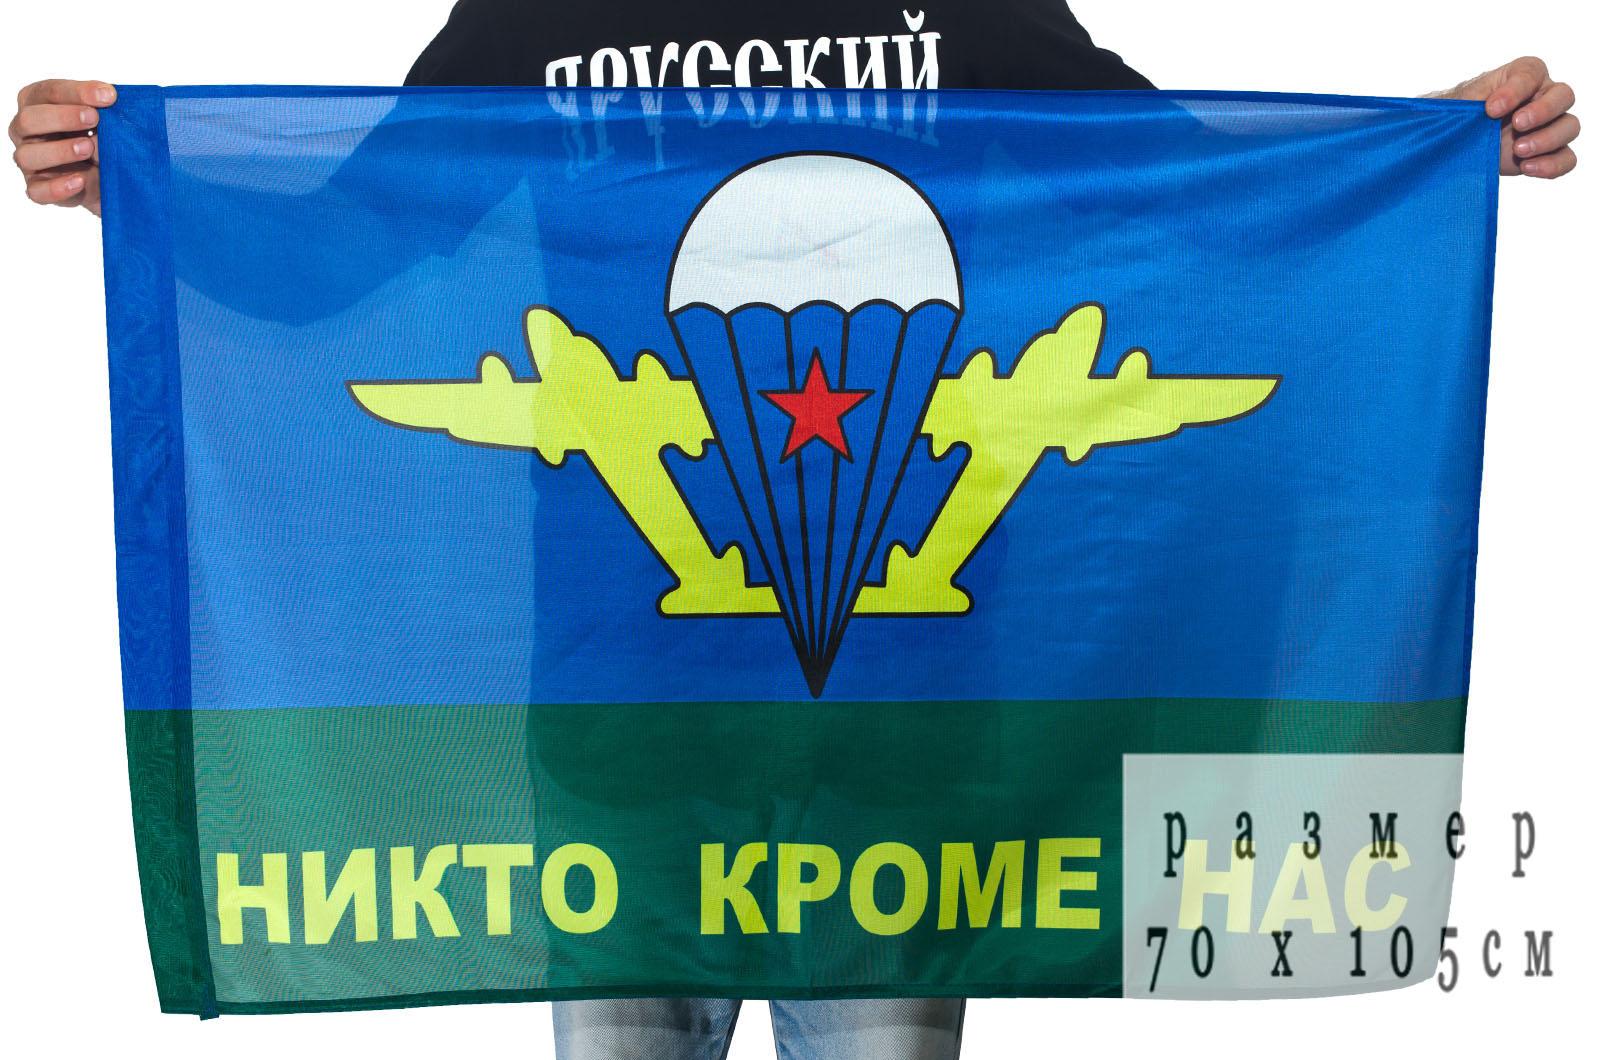 """Купить флаг ВДВ """"Никто кроме нас"""" 70x105"""